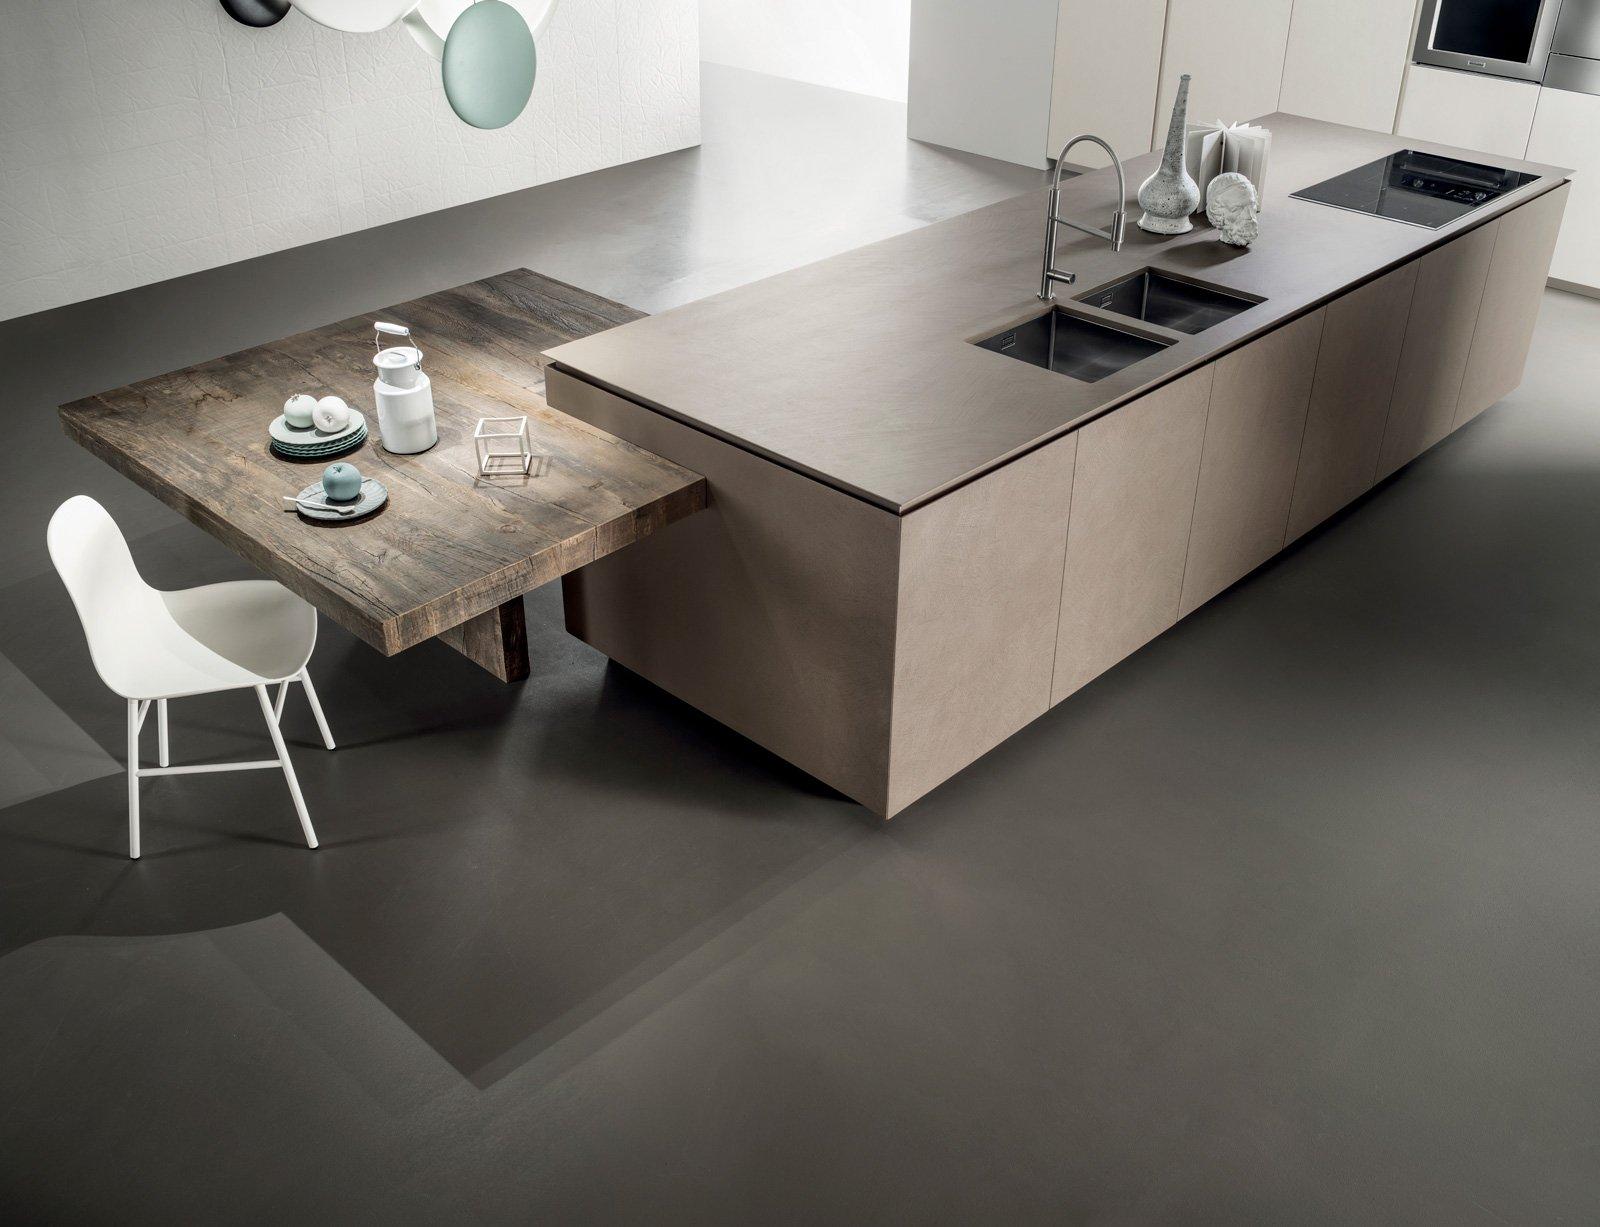 Piani di lavoro innovativi per la cucina cose di casa - Tavolo lavoro cucina ...